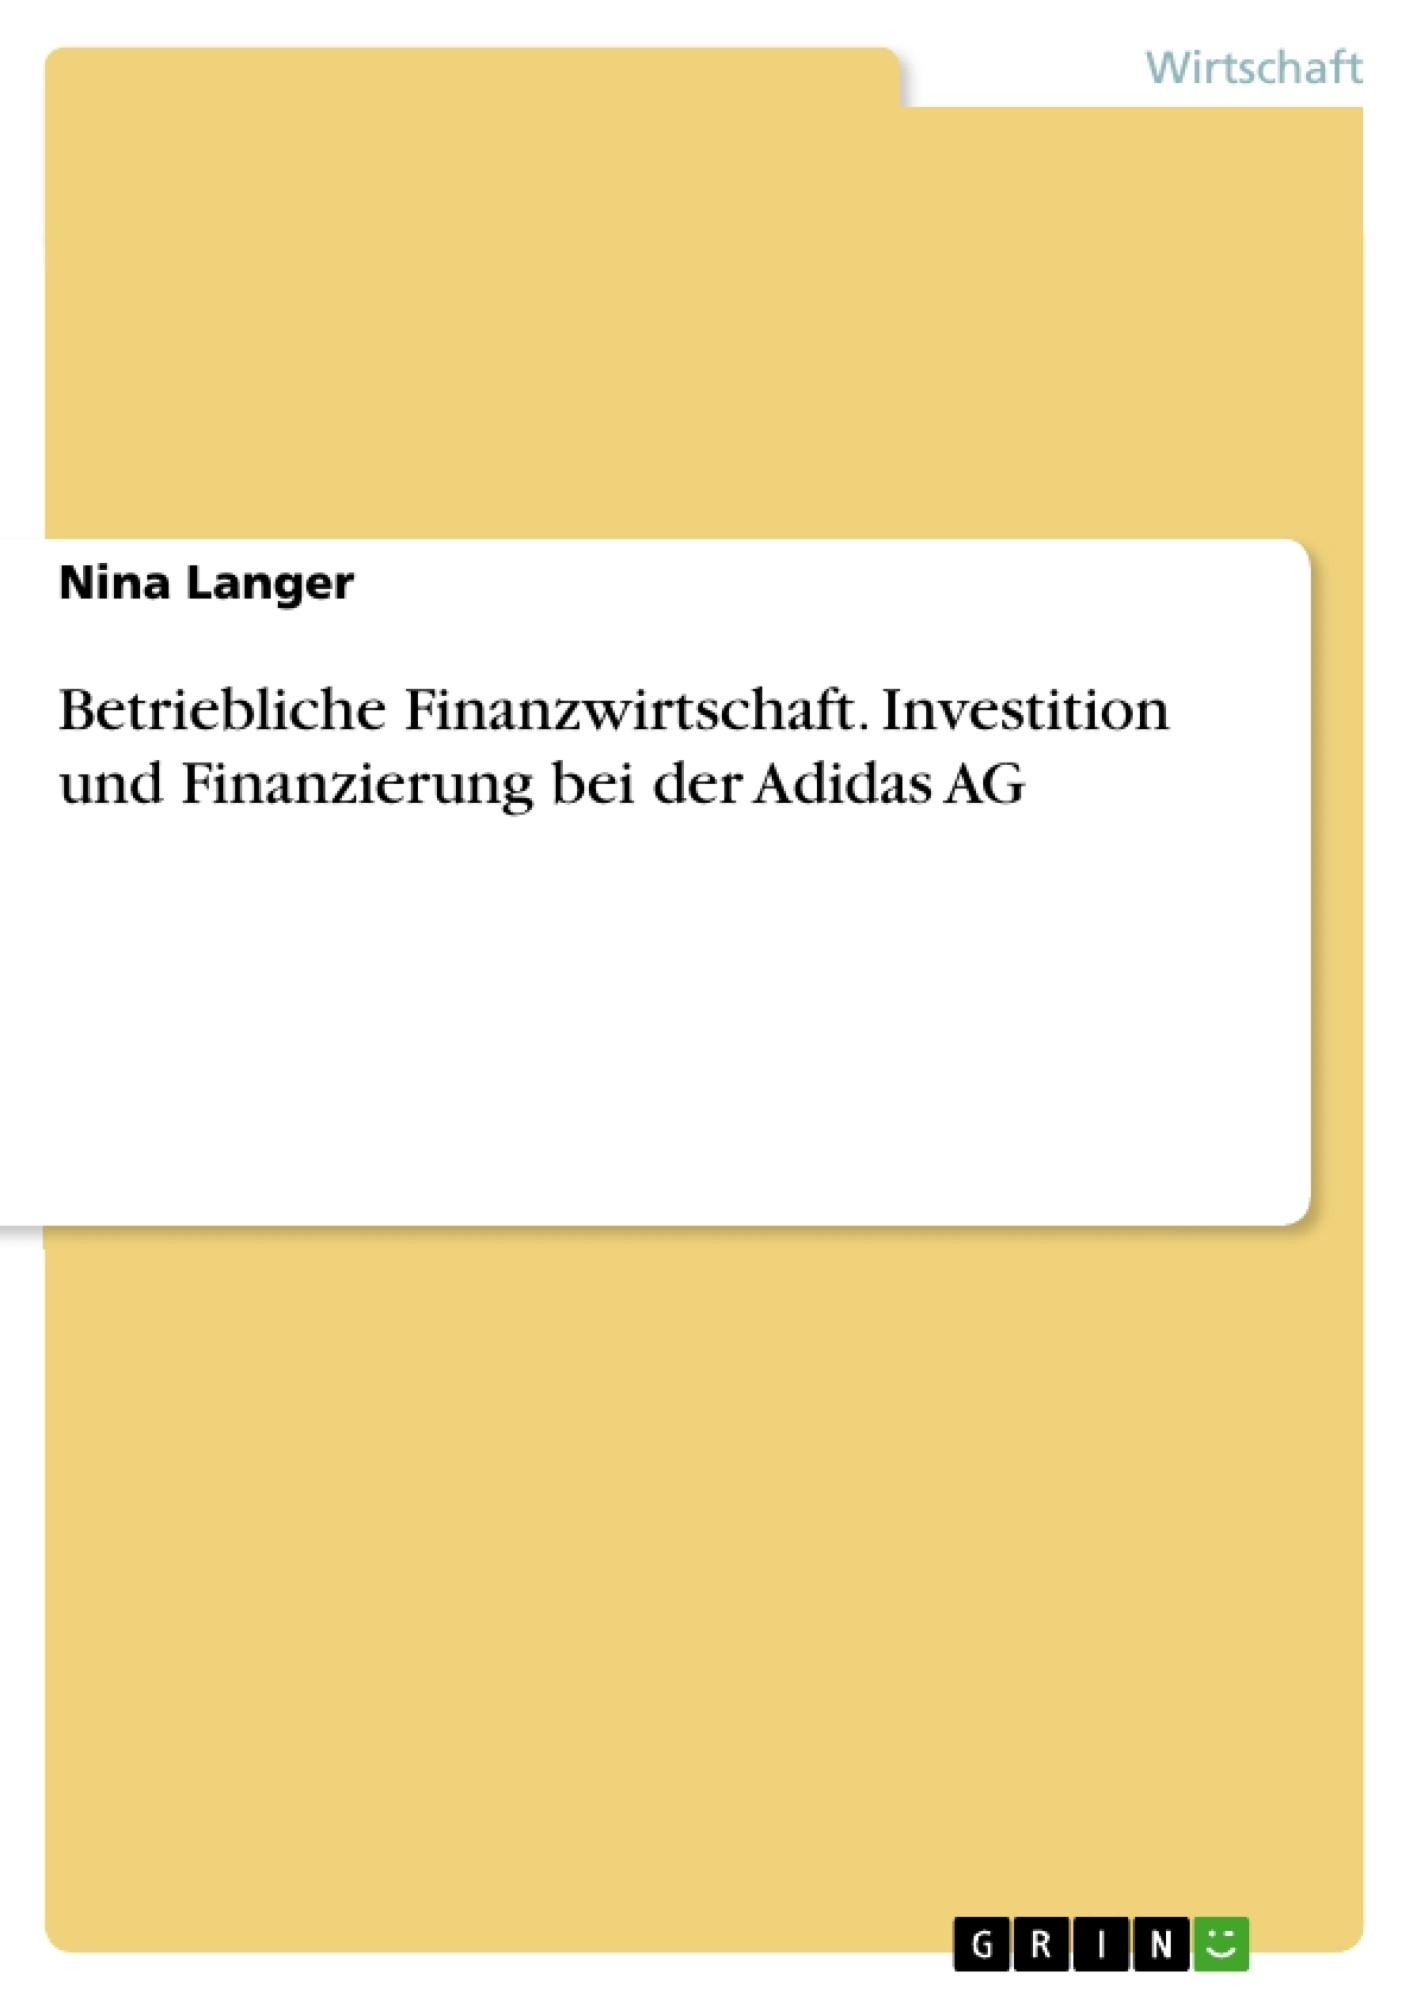 Titel: Betriebliche Finanzwirtschaft. Investition und Finanzierung bei der Adidas AG